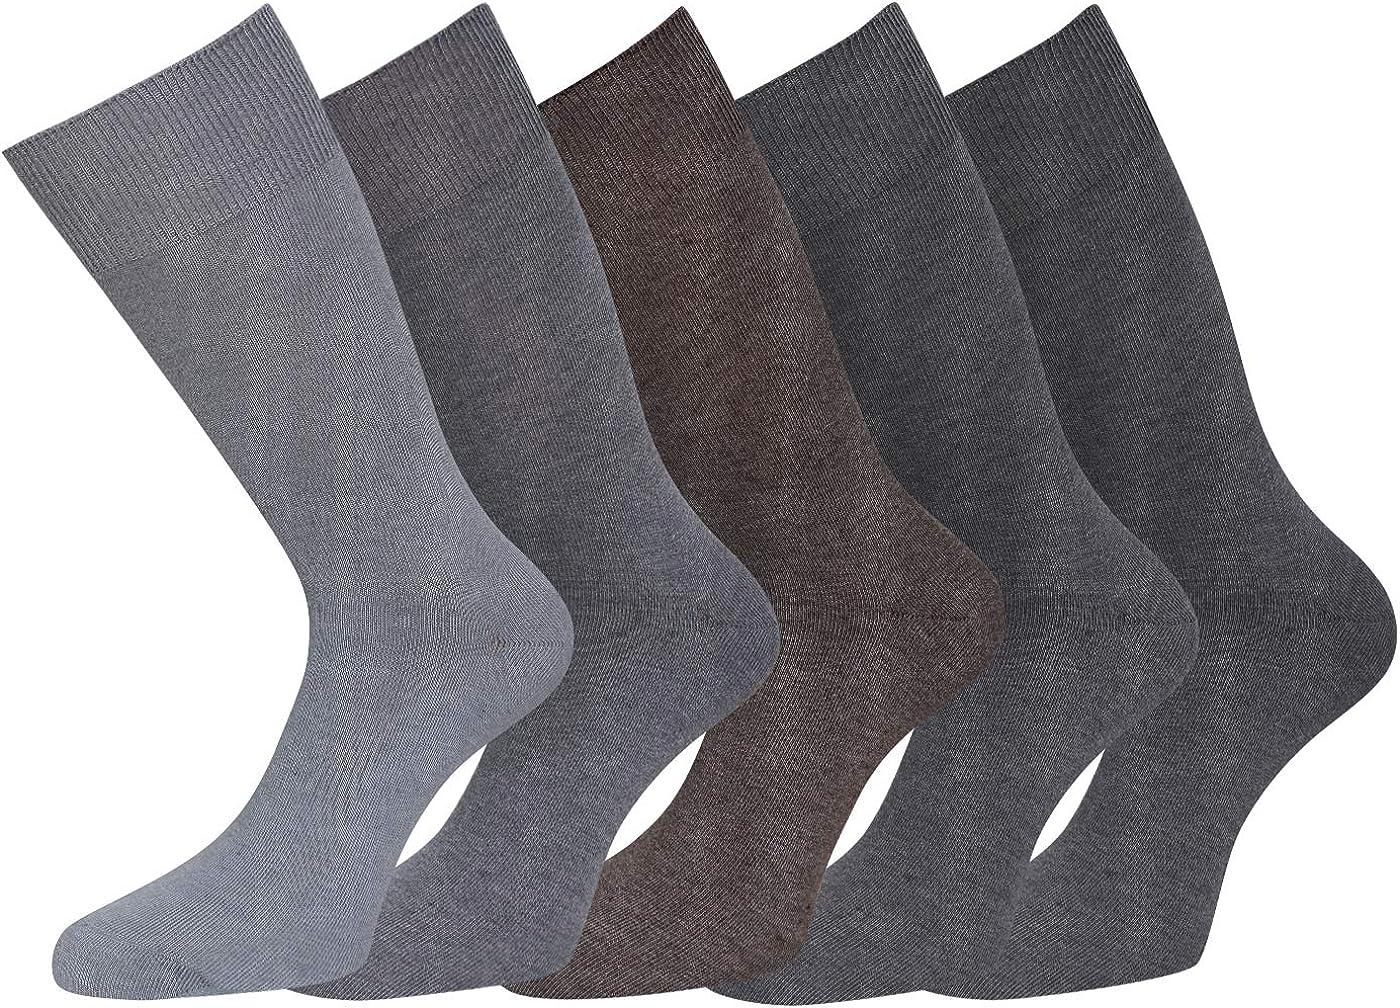 kb-Socken 5 pares de calcetines calcetines para hombre diabéticos ...